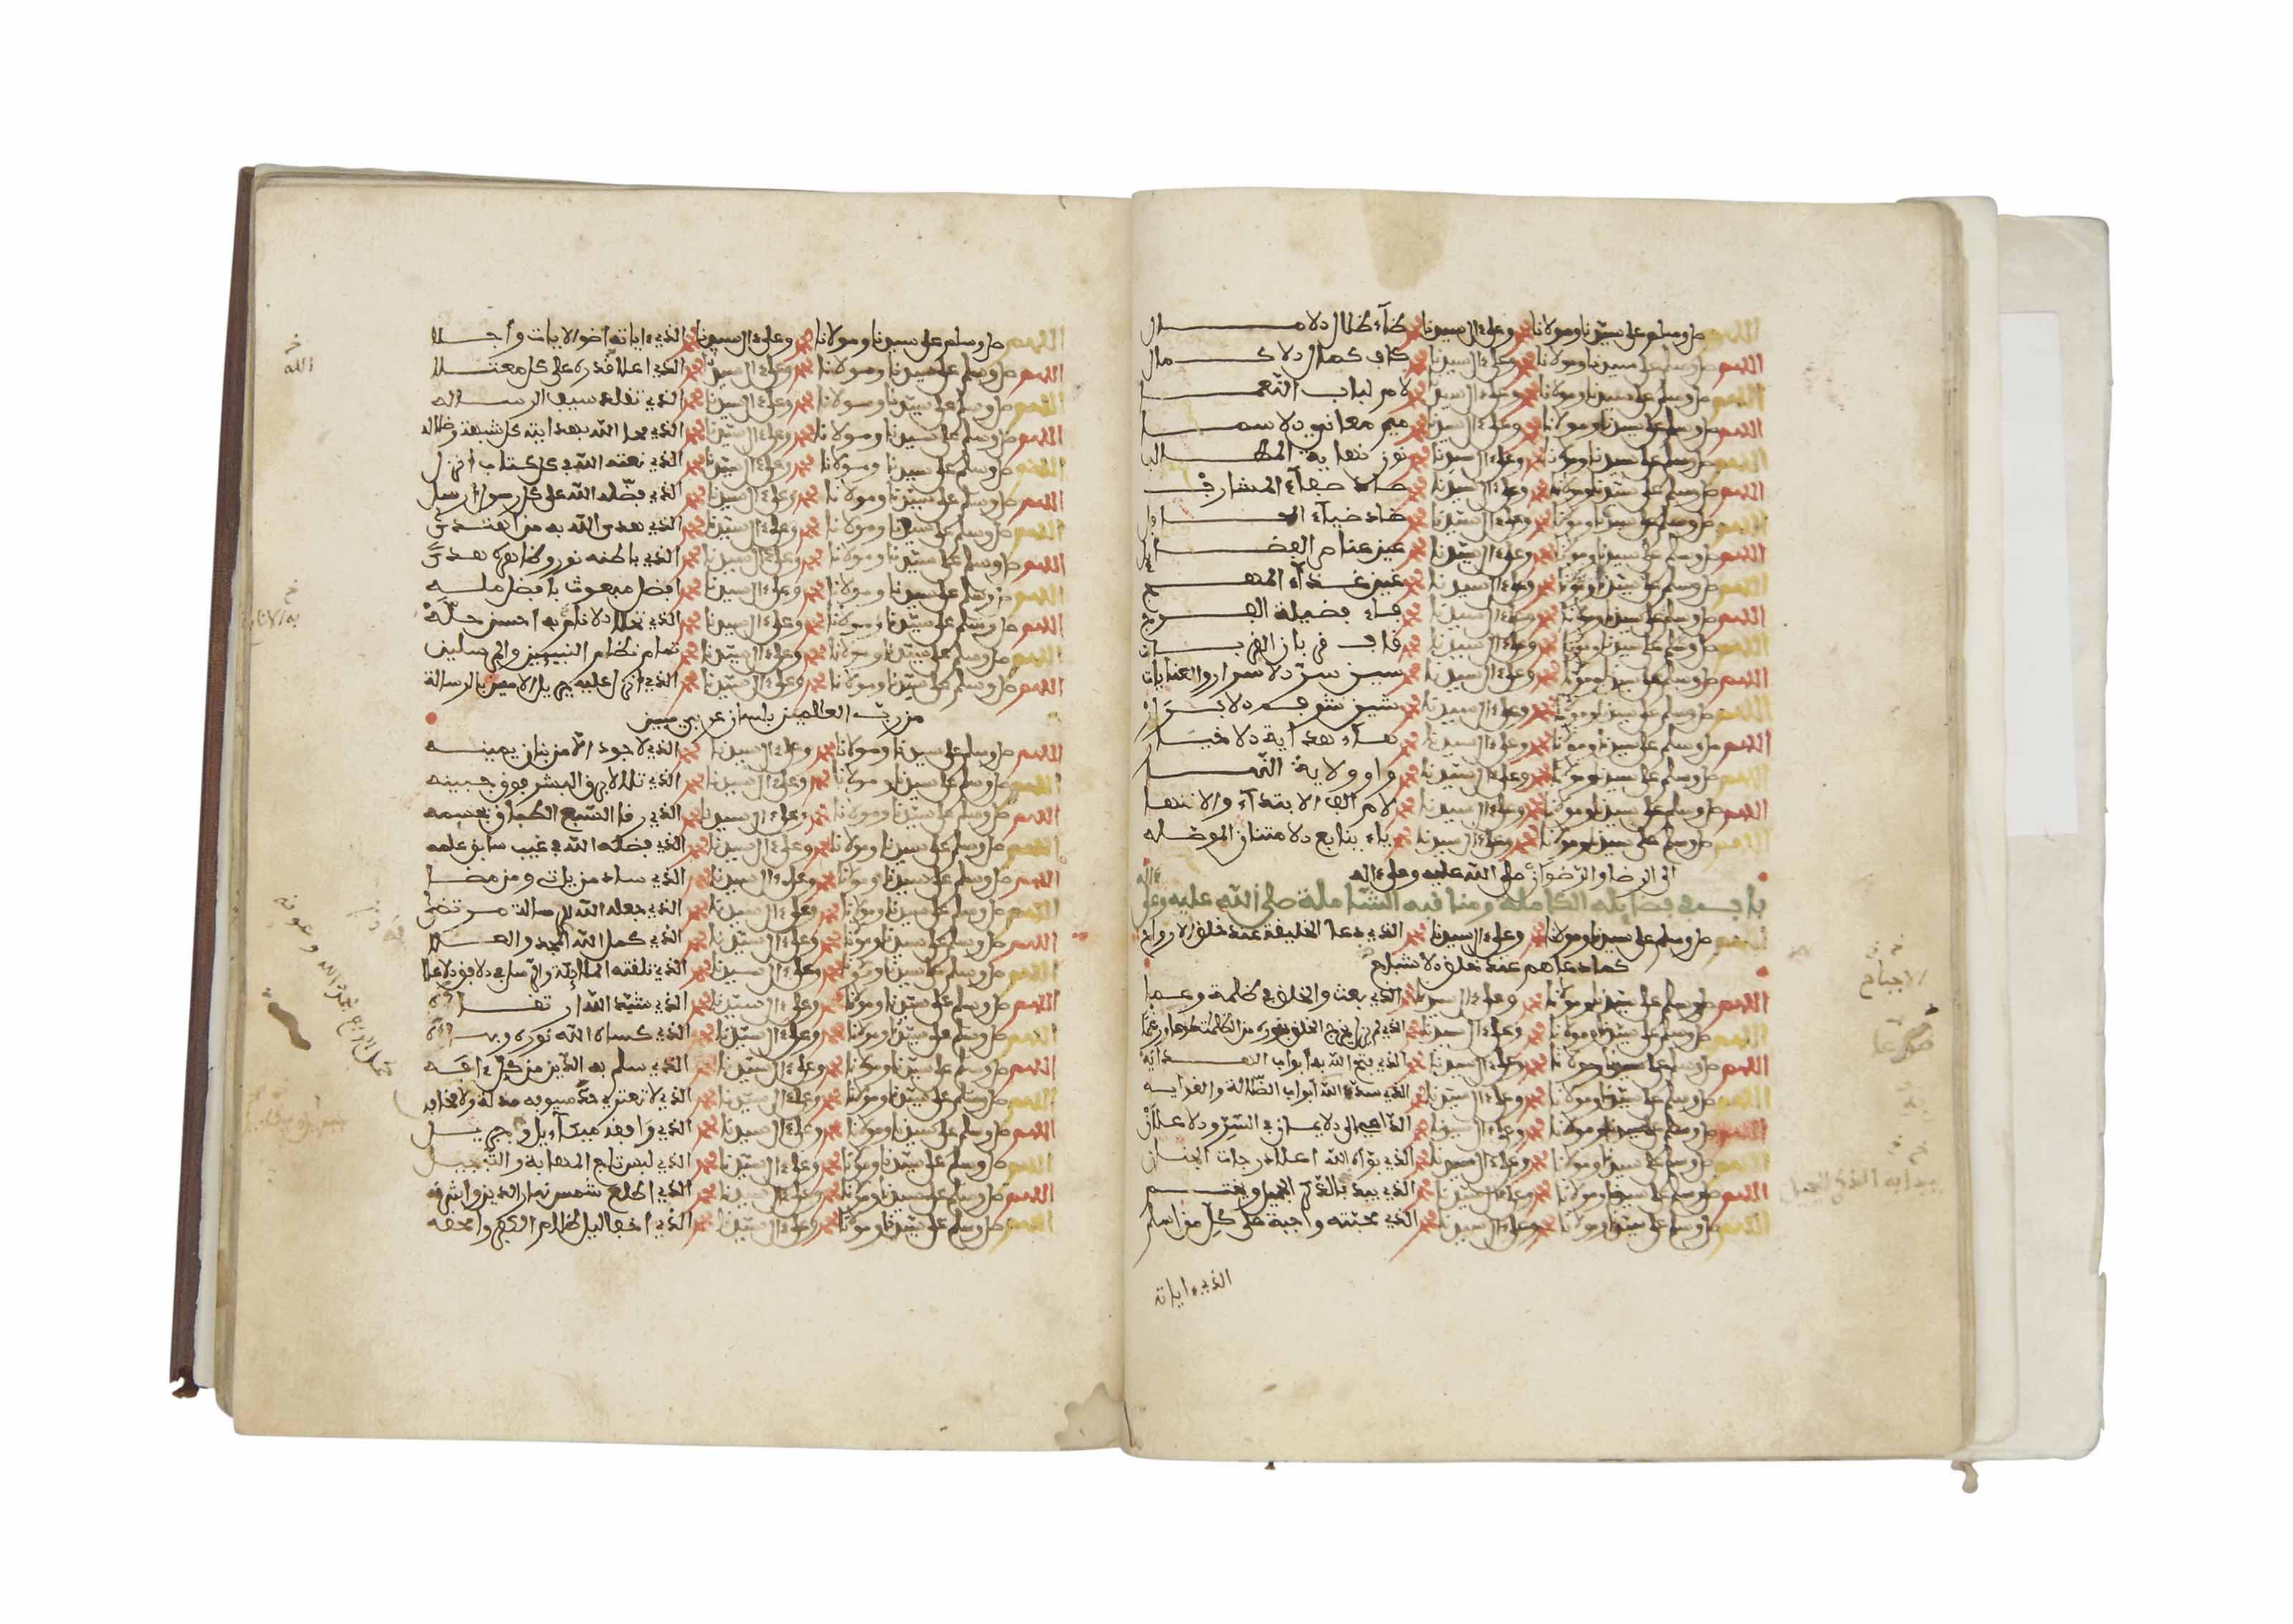 'ABD AL-JALIL BIN MUHAMMAD BIN AHMAD IBN 'AZZUM AL-MURADI AL-QAYRAWANI (D. 1553 AD):  TANBIH AL-ANAM